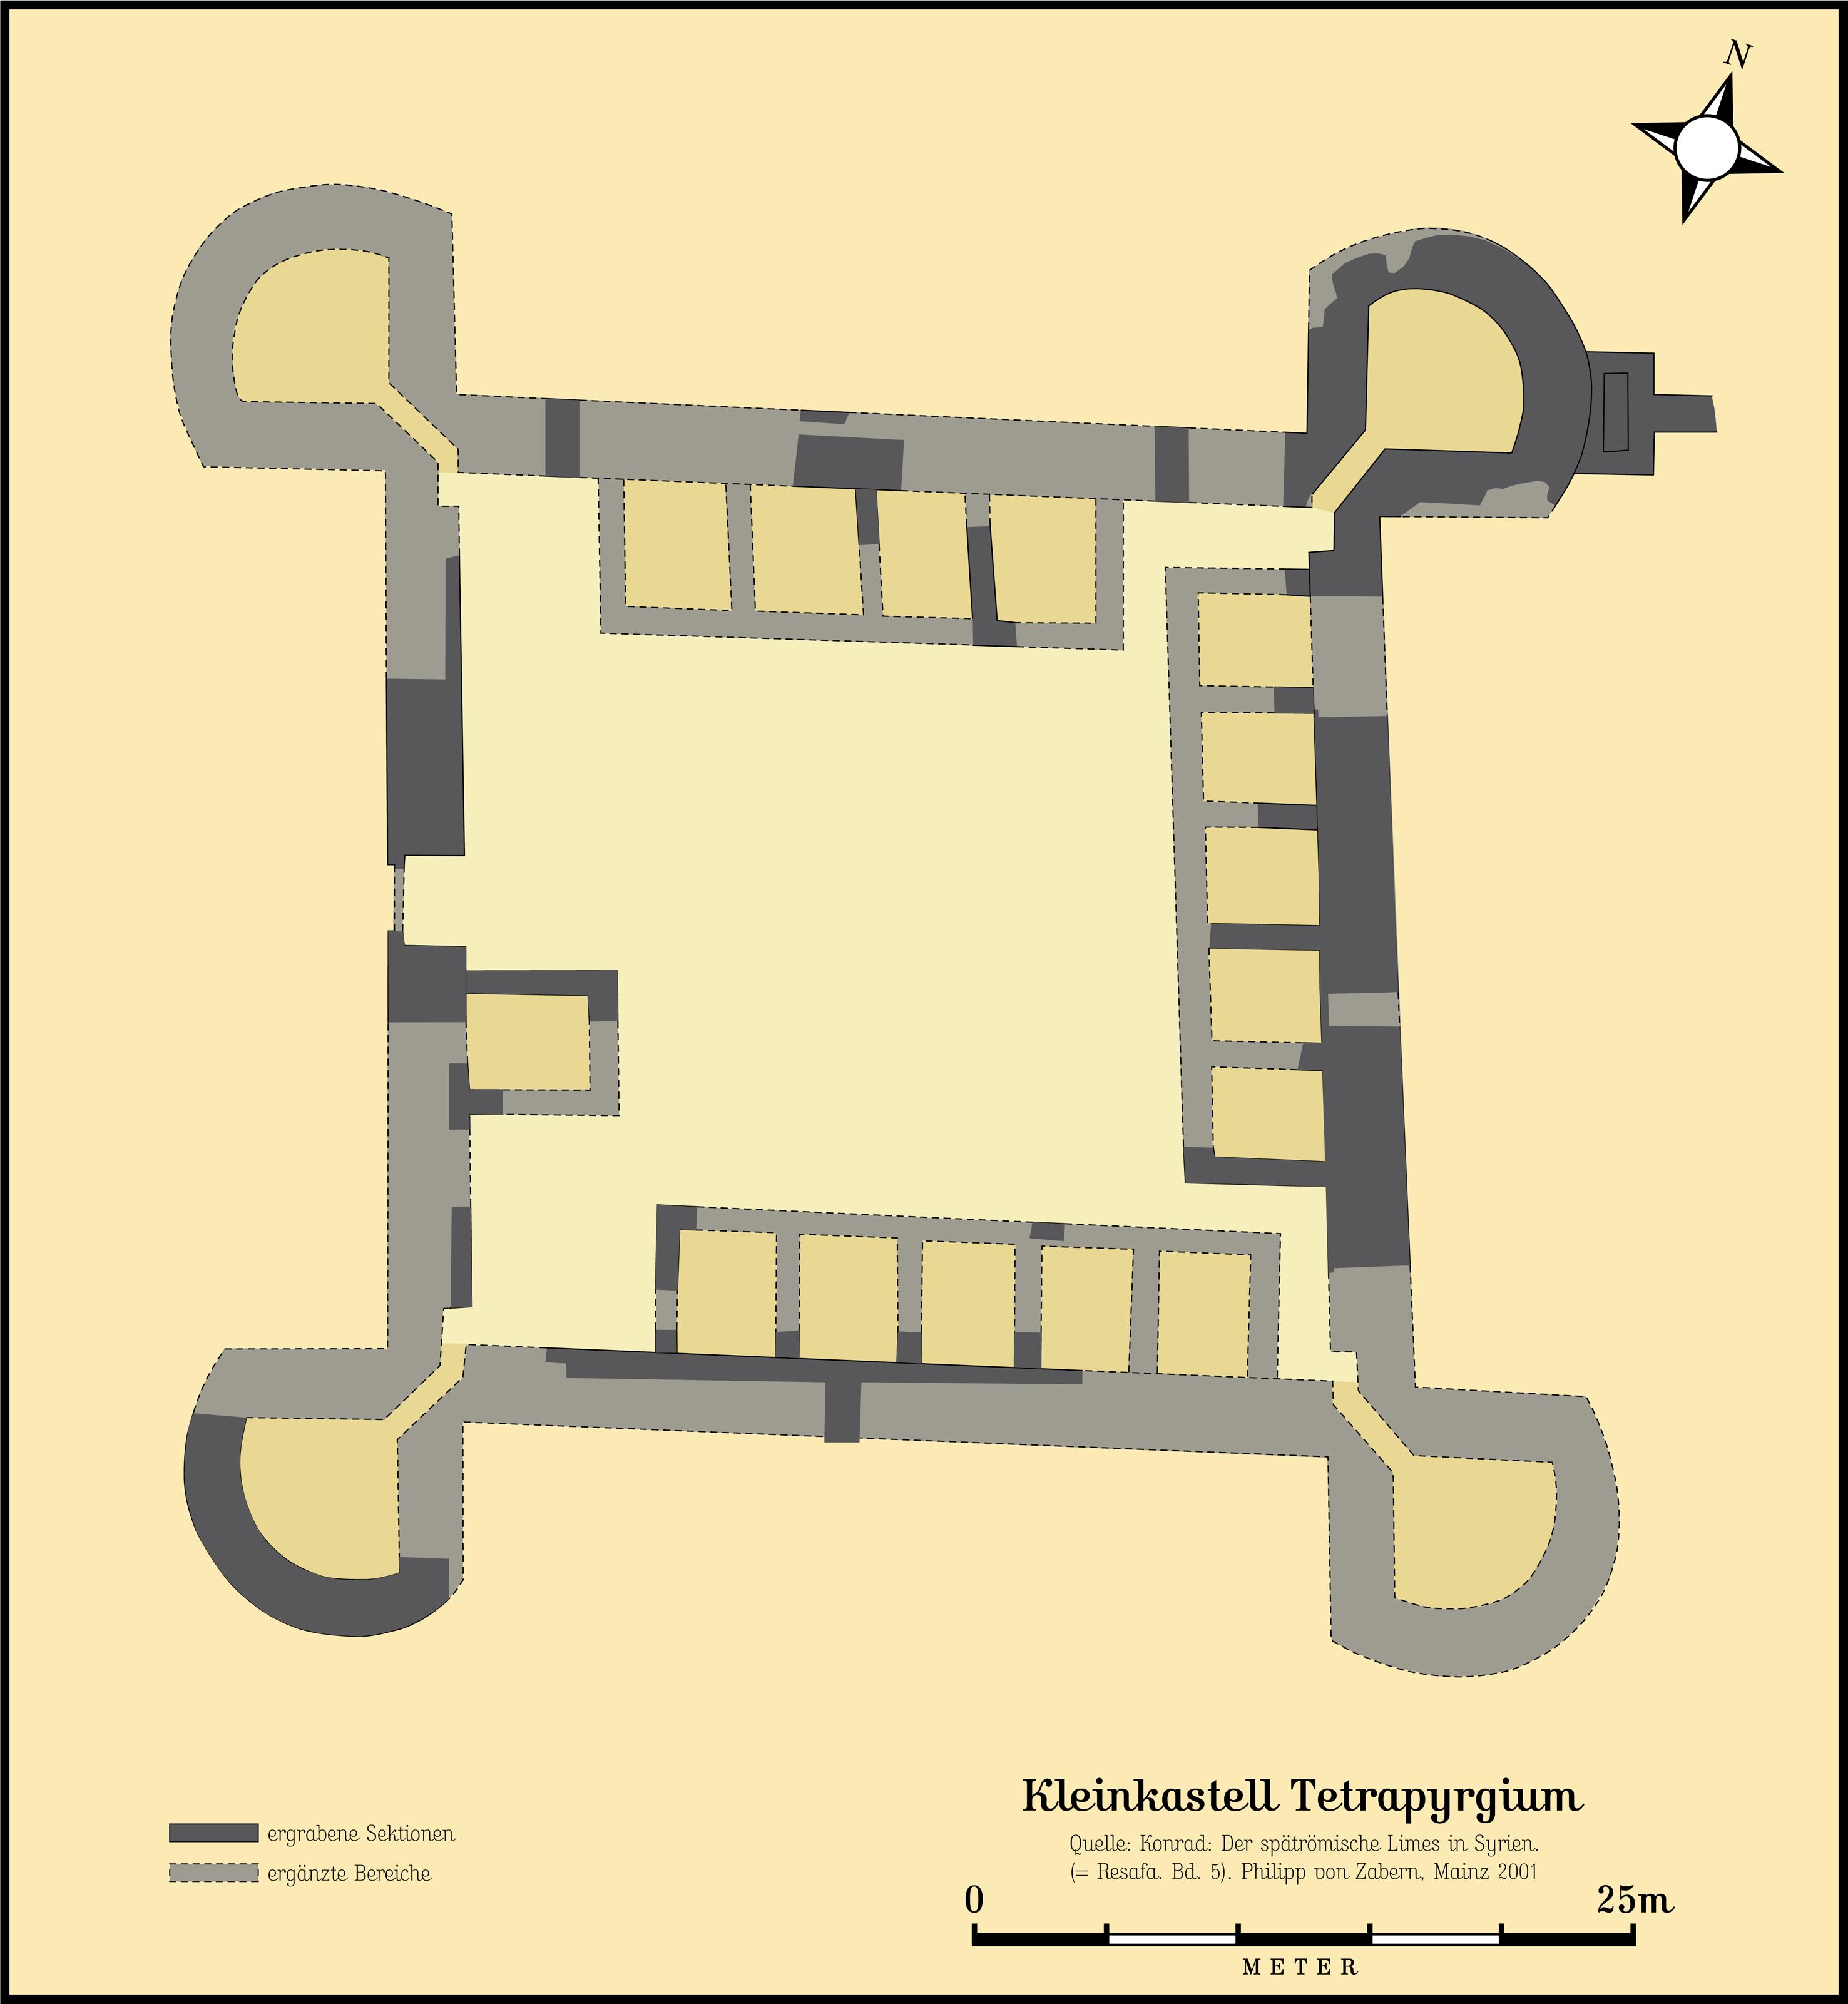 Kleinkastell Tetrapyrgium Wikipedia